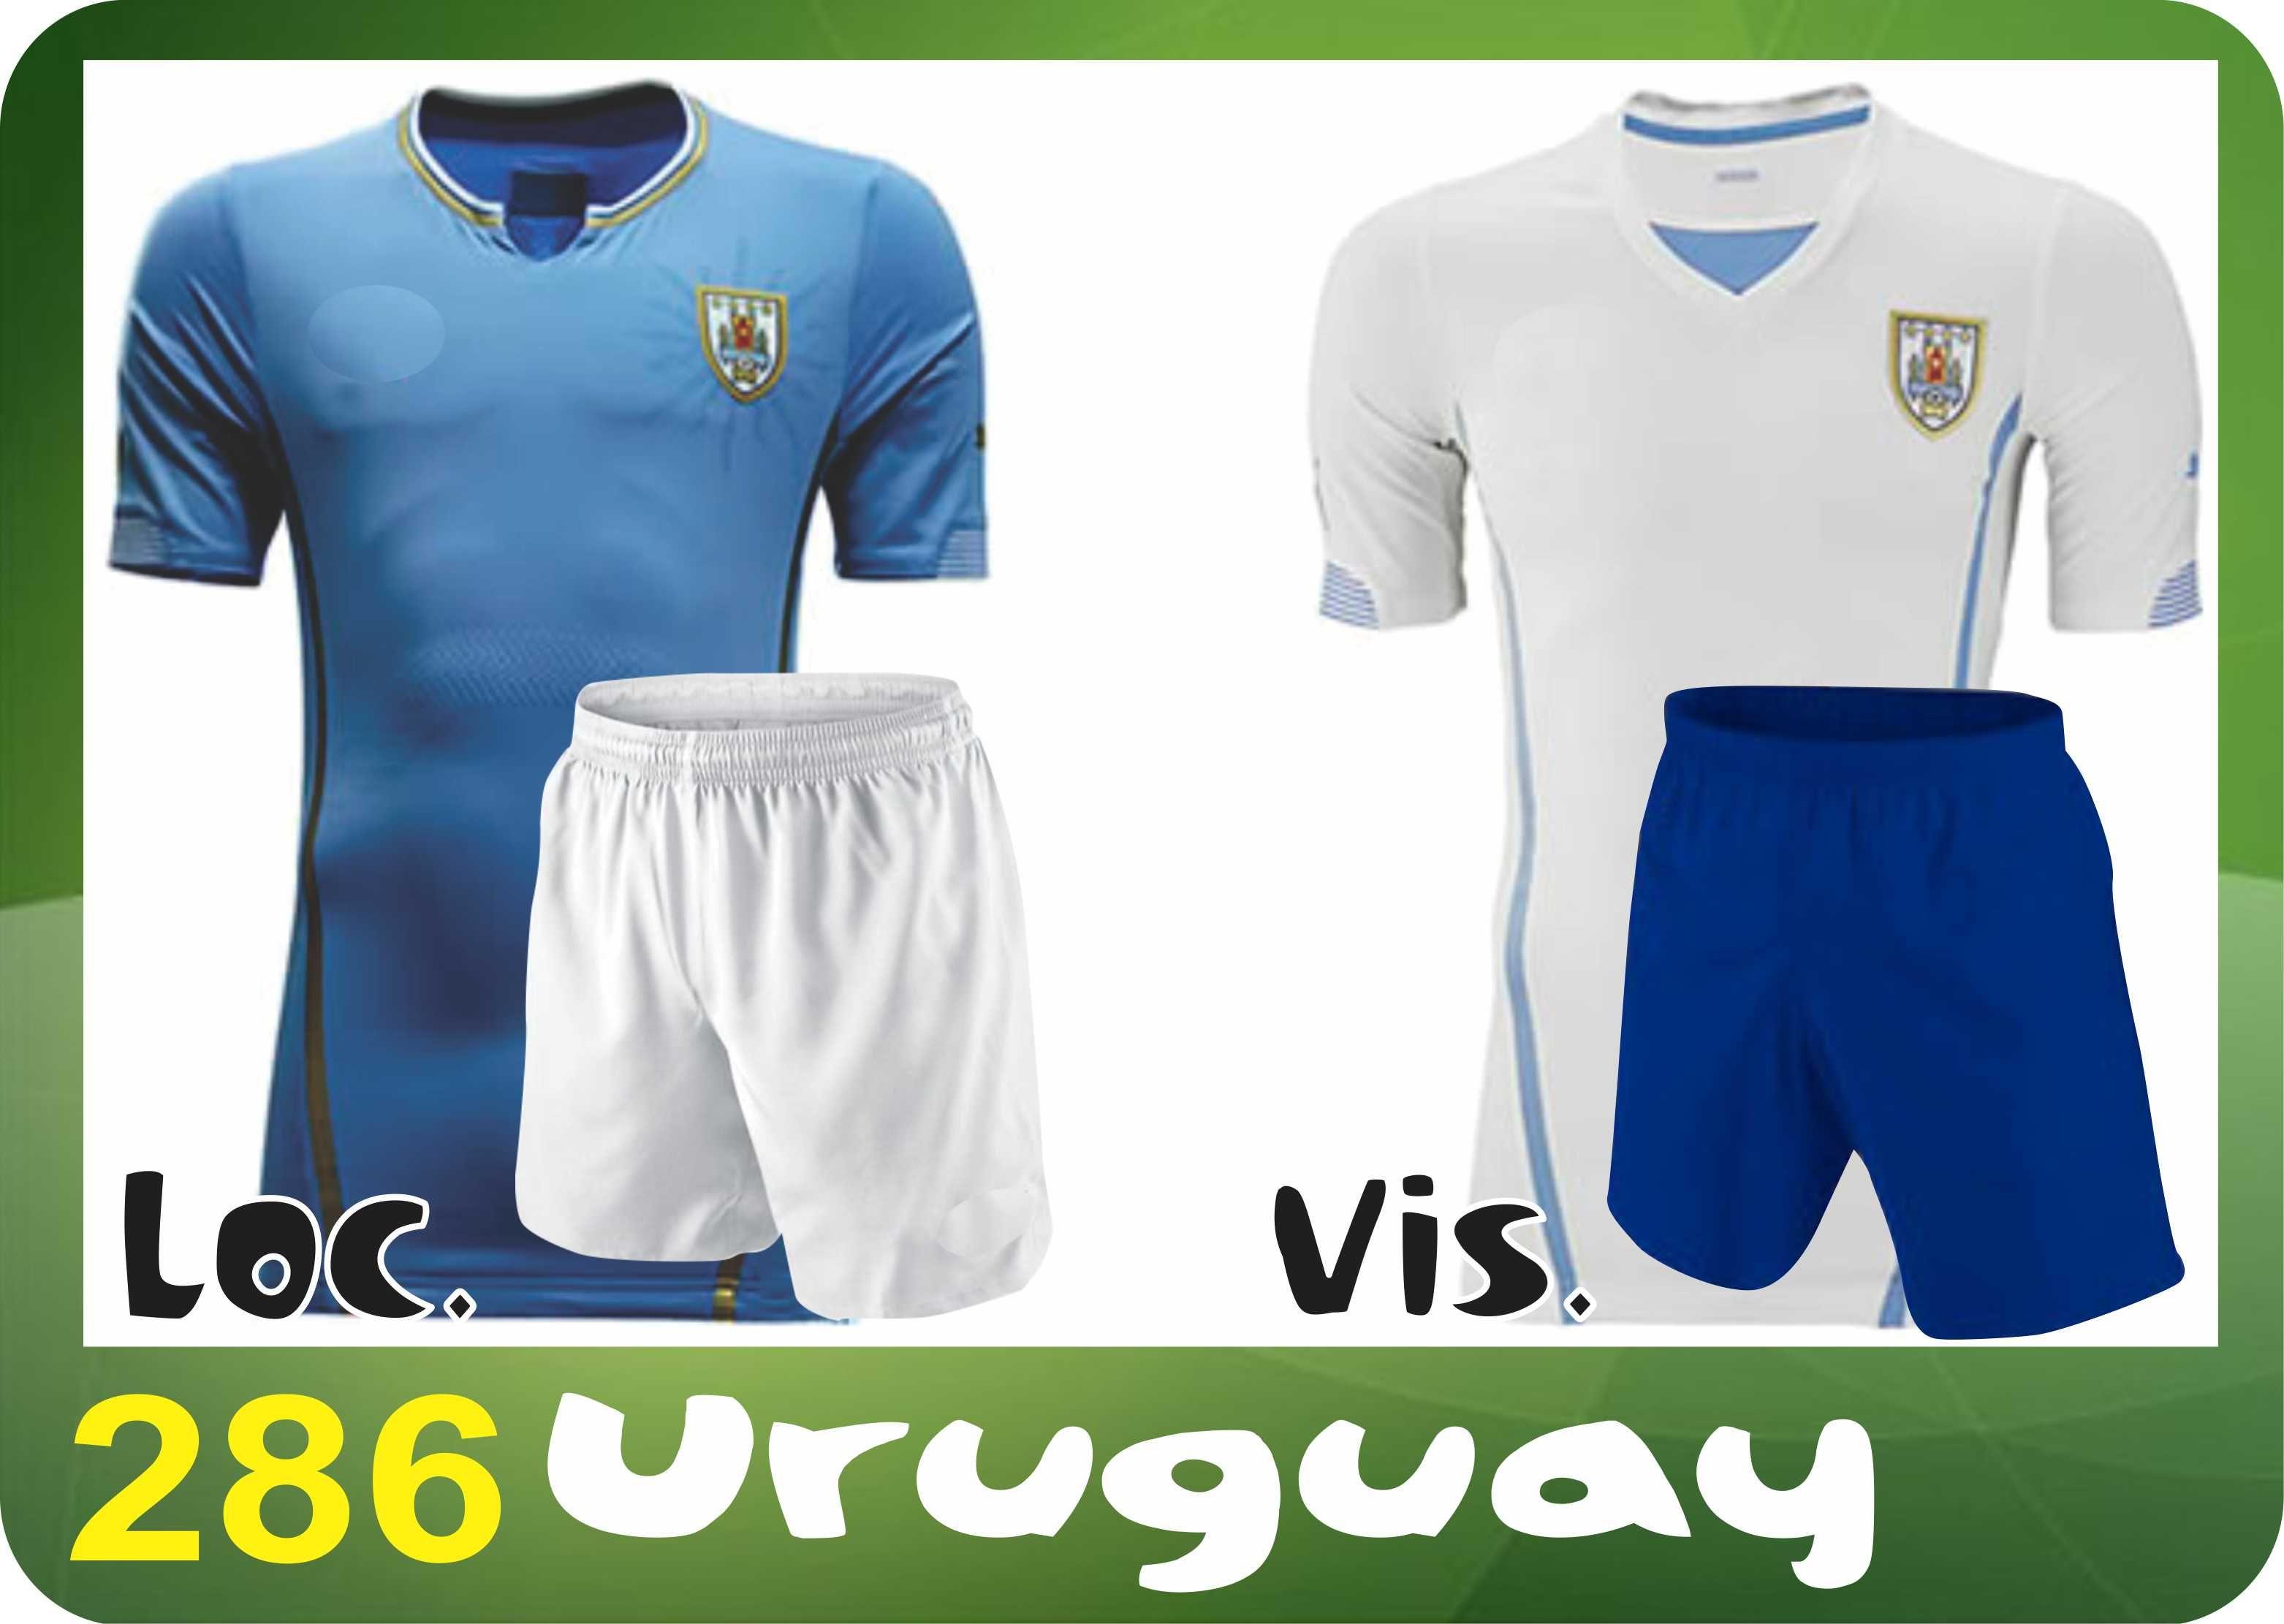 UNIFORME SOCCER DRI FIT. Mod. 286 URUGUAY. Encuentra este Pin y muchos más  en Uniformes Futbol ... 13b6175ce0d